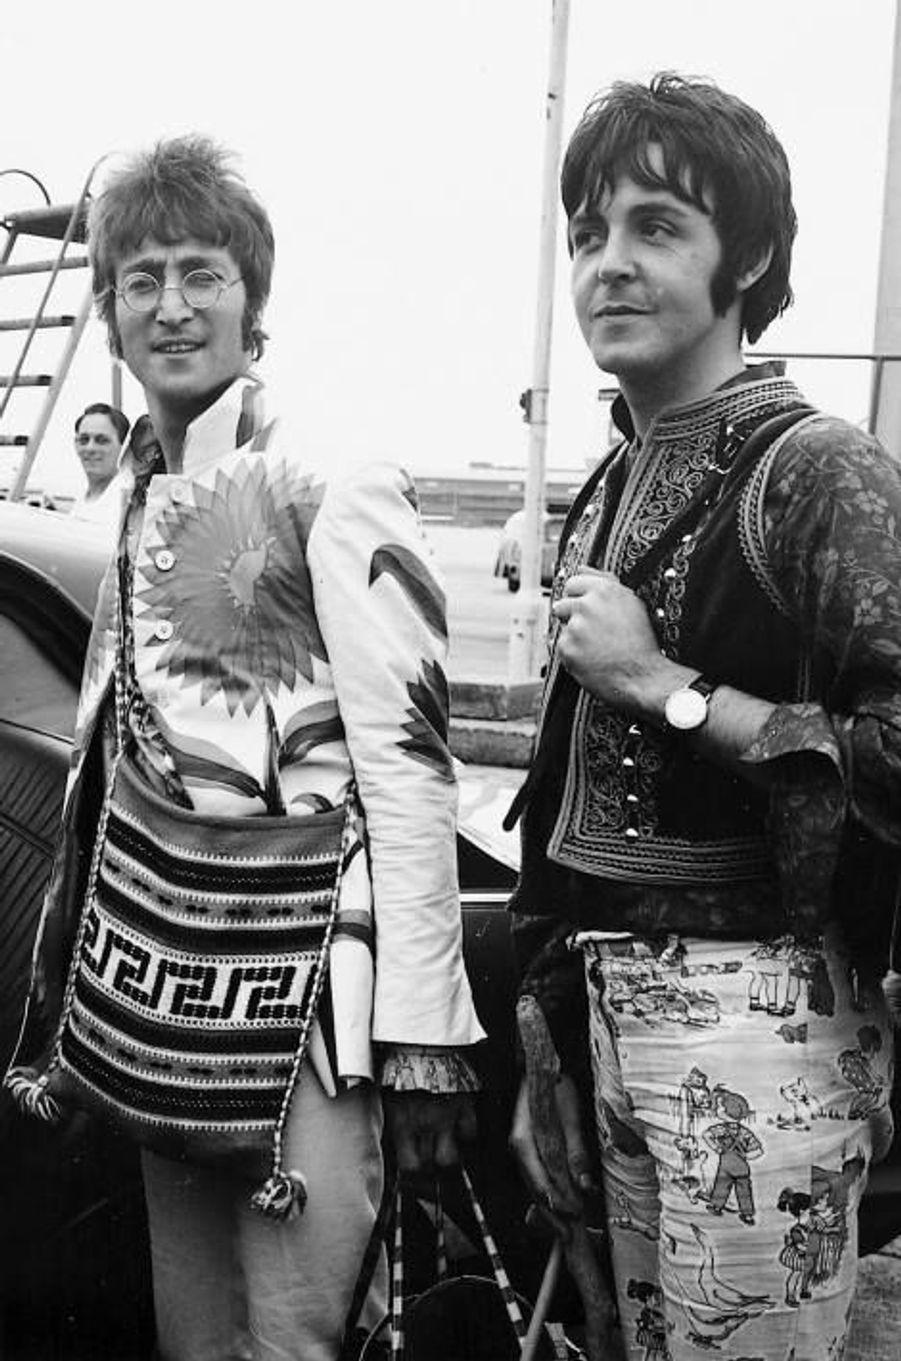 John Lennon et Paul McCartney en 1967